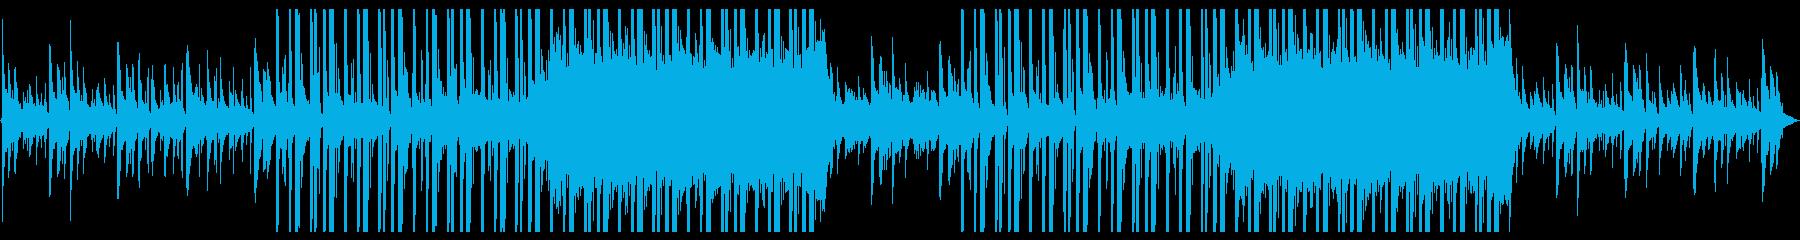 アコースティックな洋楽系R&Bの再生済みの波形